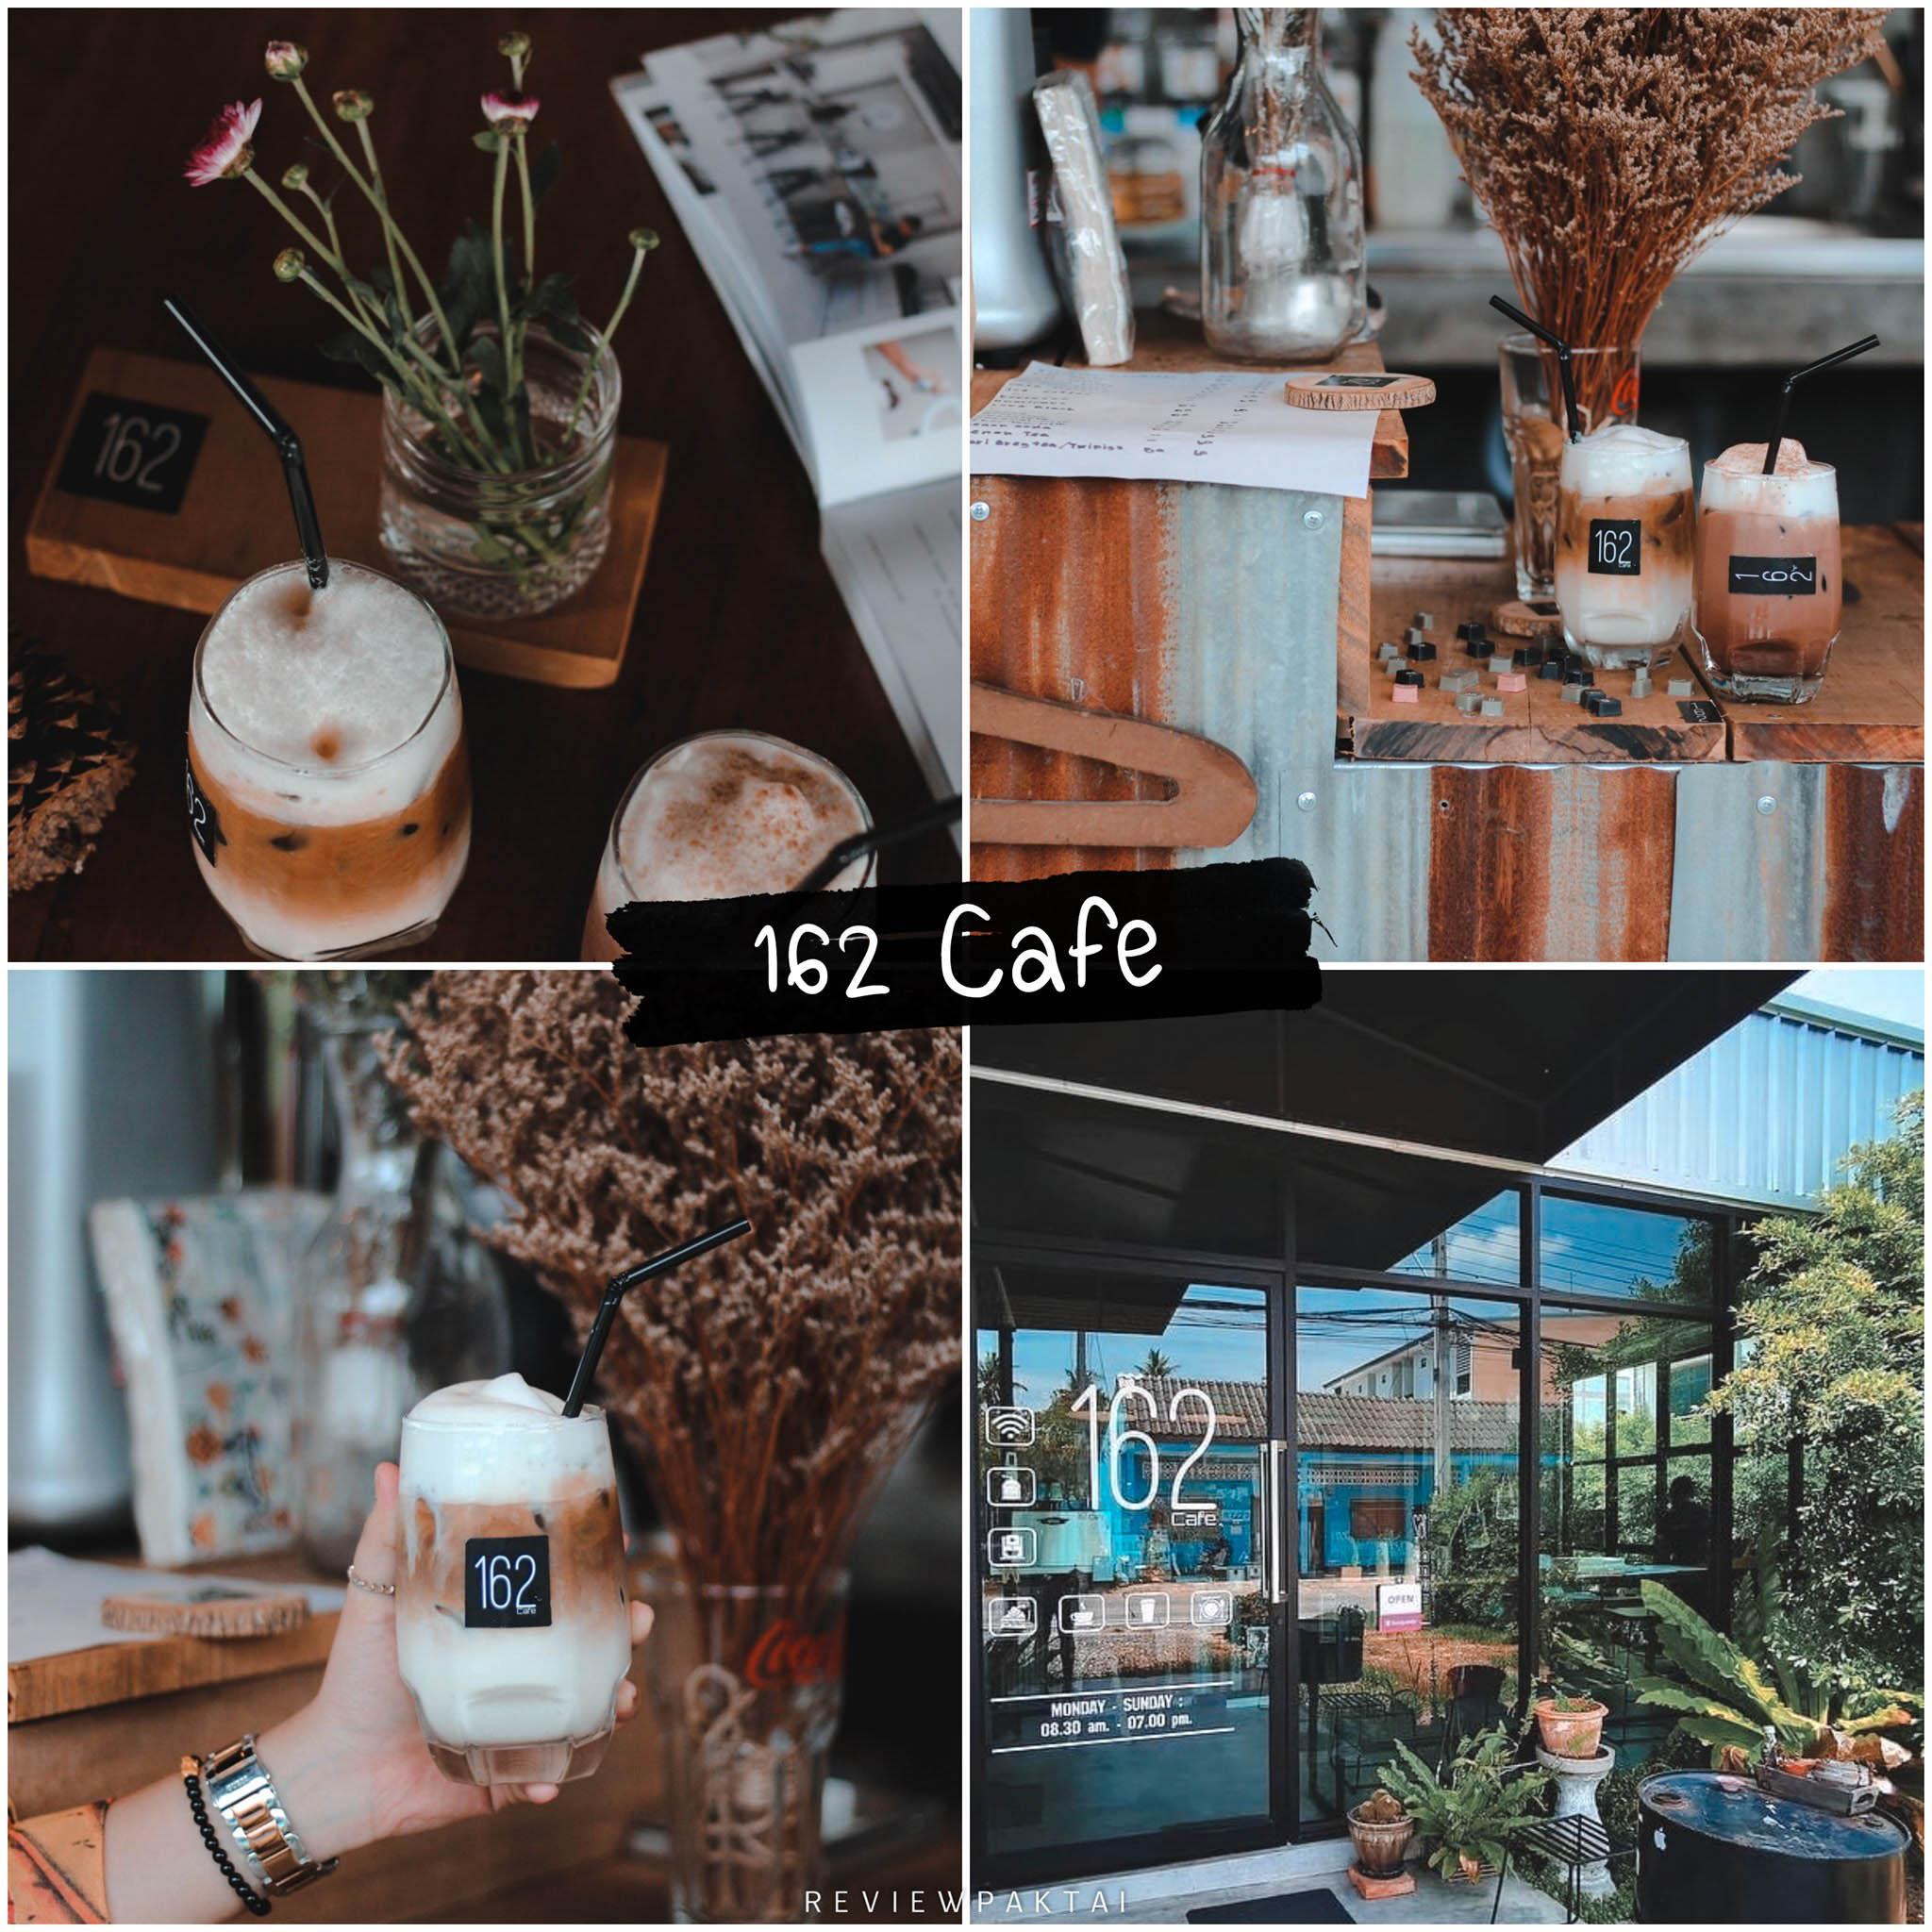 162-cafe ร้านดีร้านลับร้านเด็ดๆ-อยากพักต้องร้านนี้เลย-162-cafe-ภูเก็ต-กาแฟหอมมมม---ทั้งร้อนและเย็น-บรรยากาศดีไม่มาไม่ได้แล้ว-เด็ดและดีมาภูเก็ตอย่าลืม-162--  ภูเก็ต,คาเฟ่,ที่เที่ยว,ร้านกาแฟ,เด็ด,อร่อย,ต้องลอง